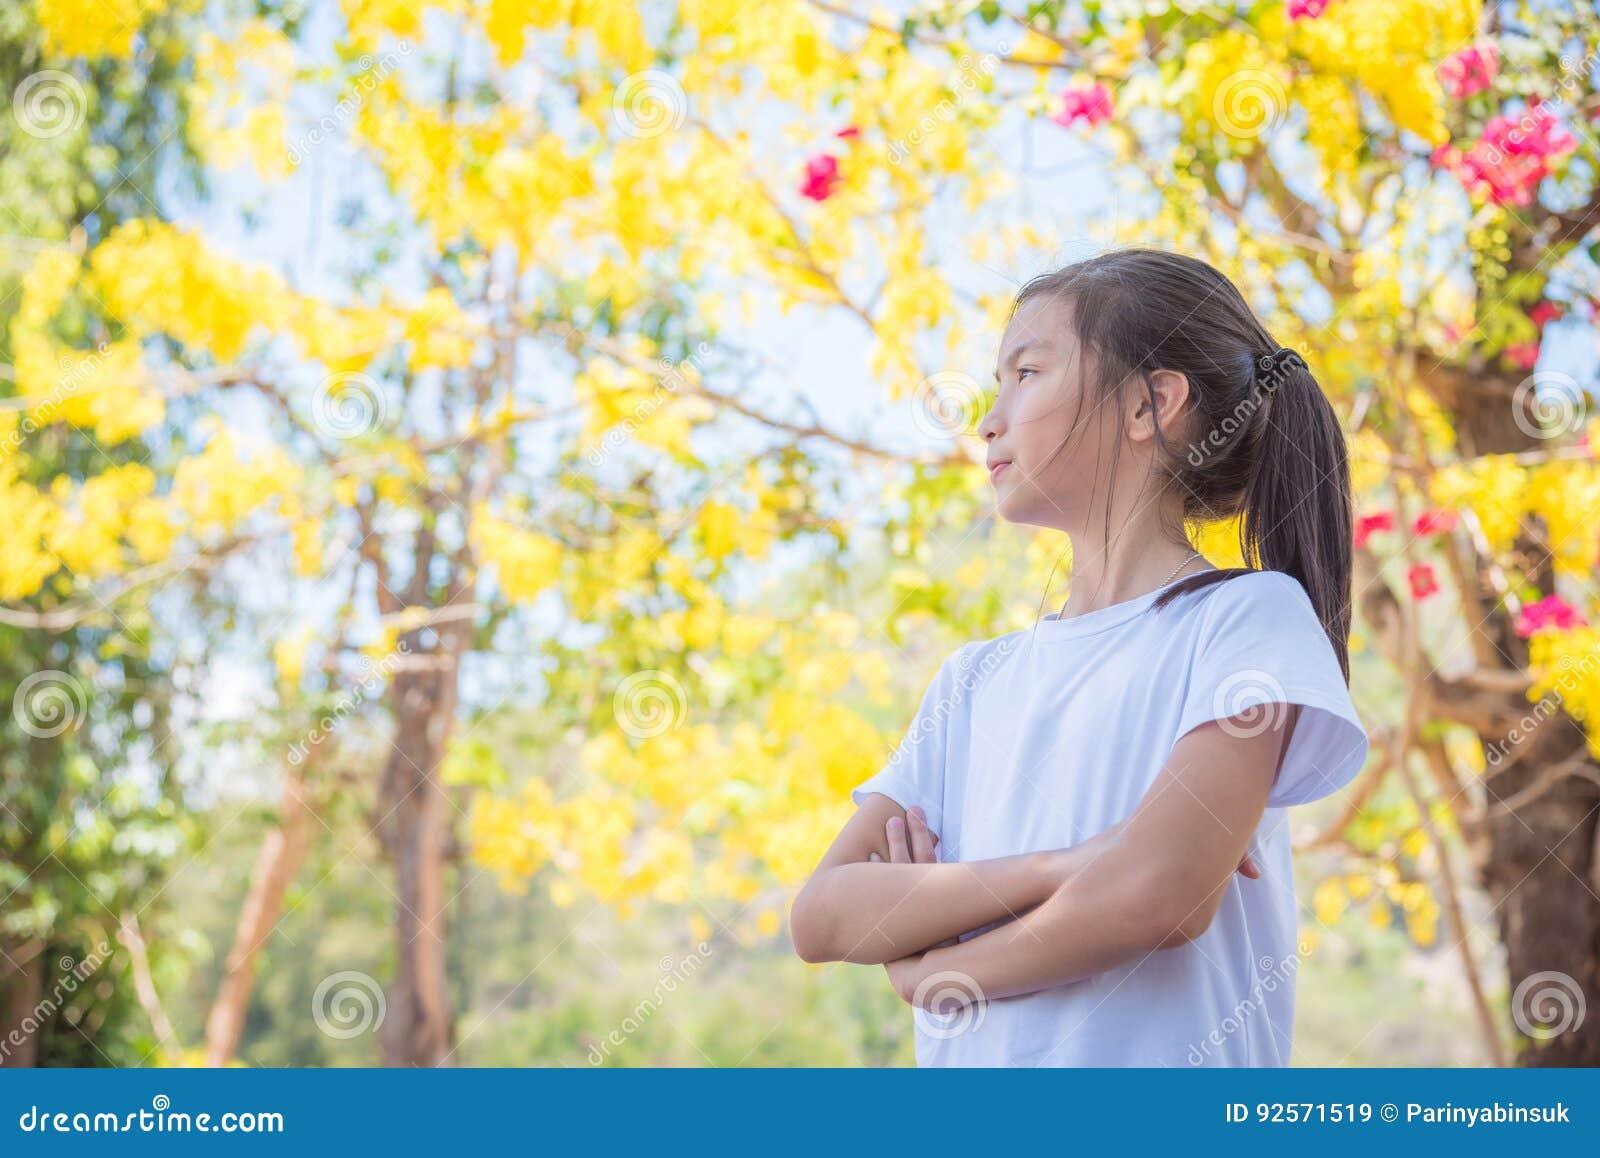 Ragazza che esamina fiore in parco